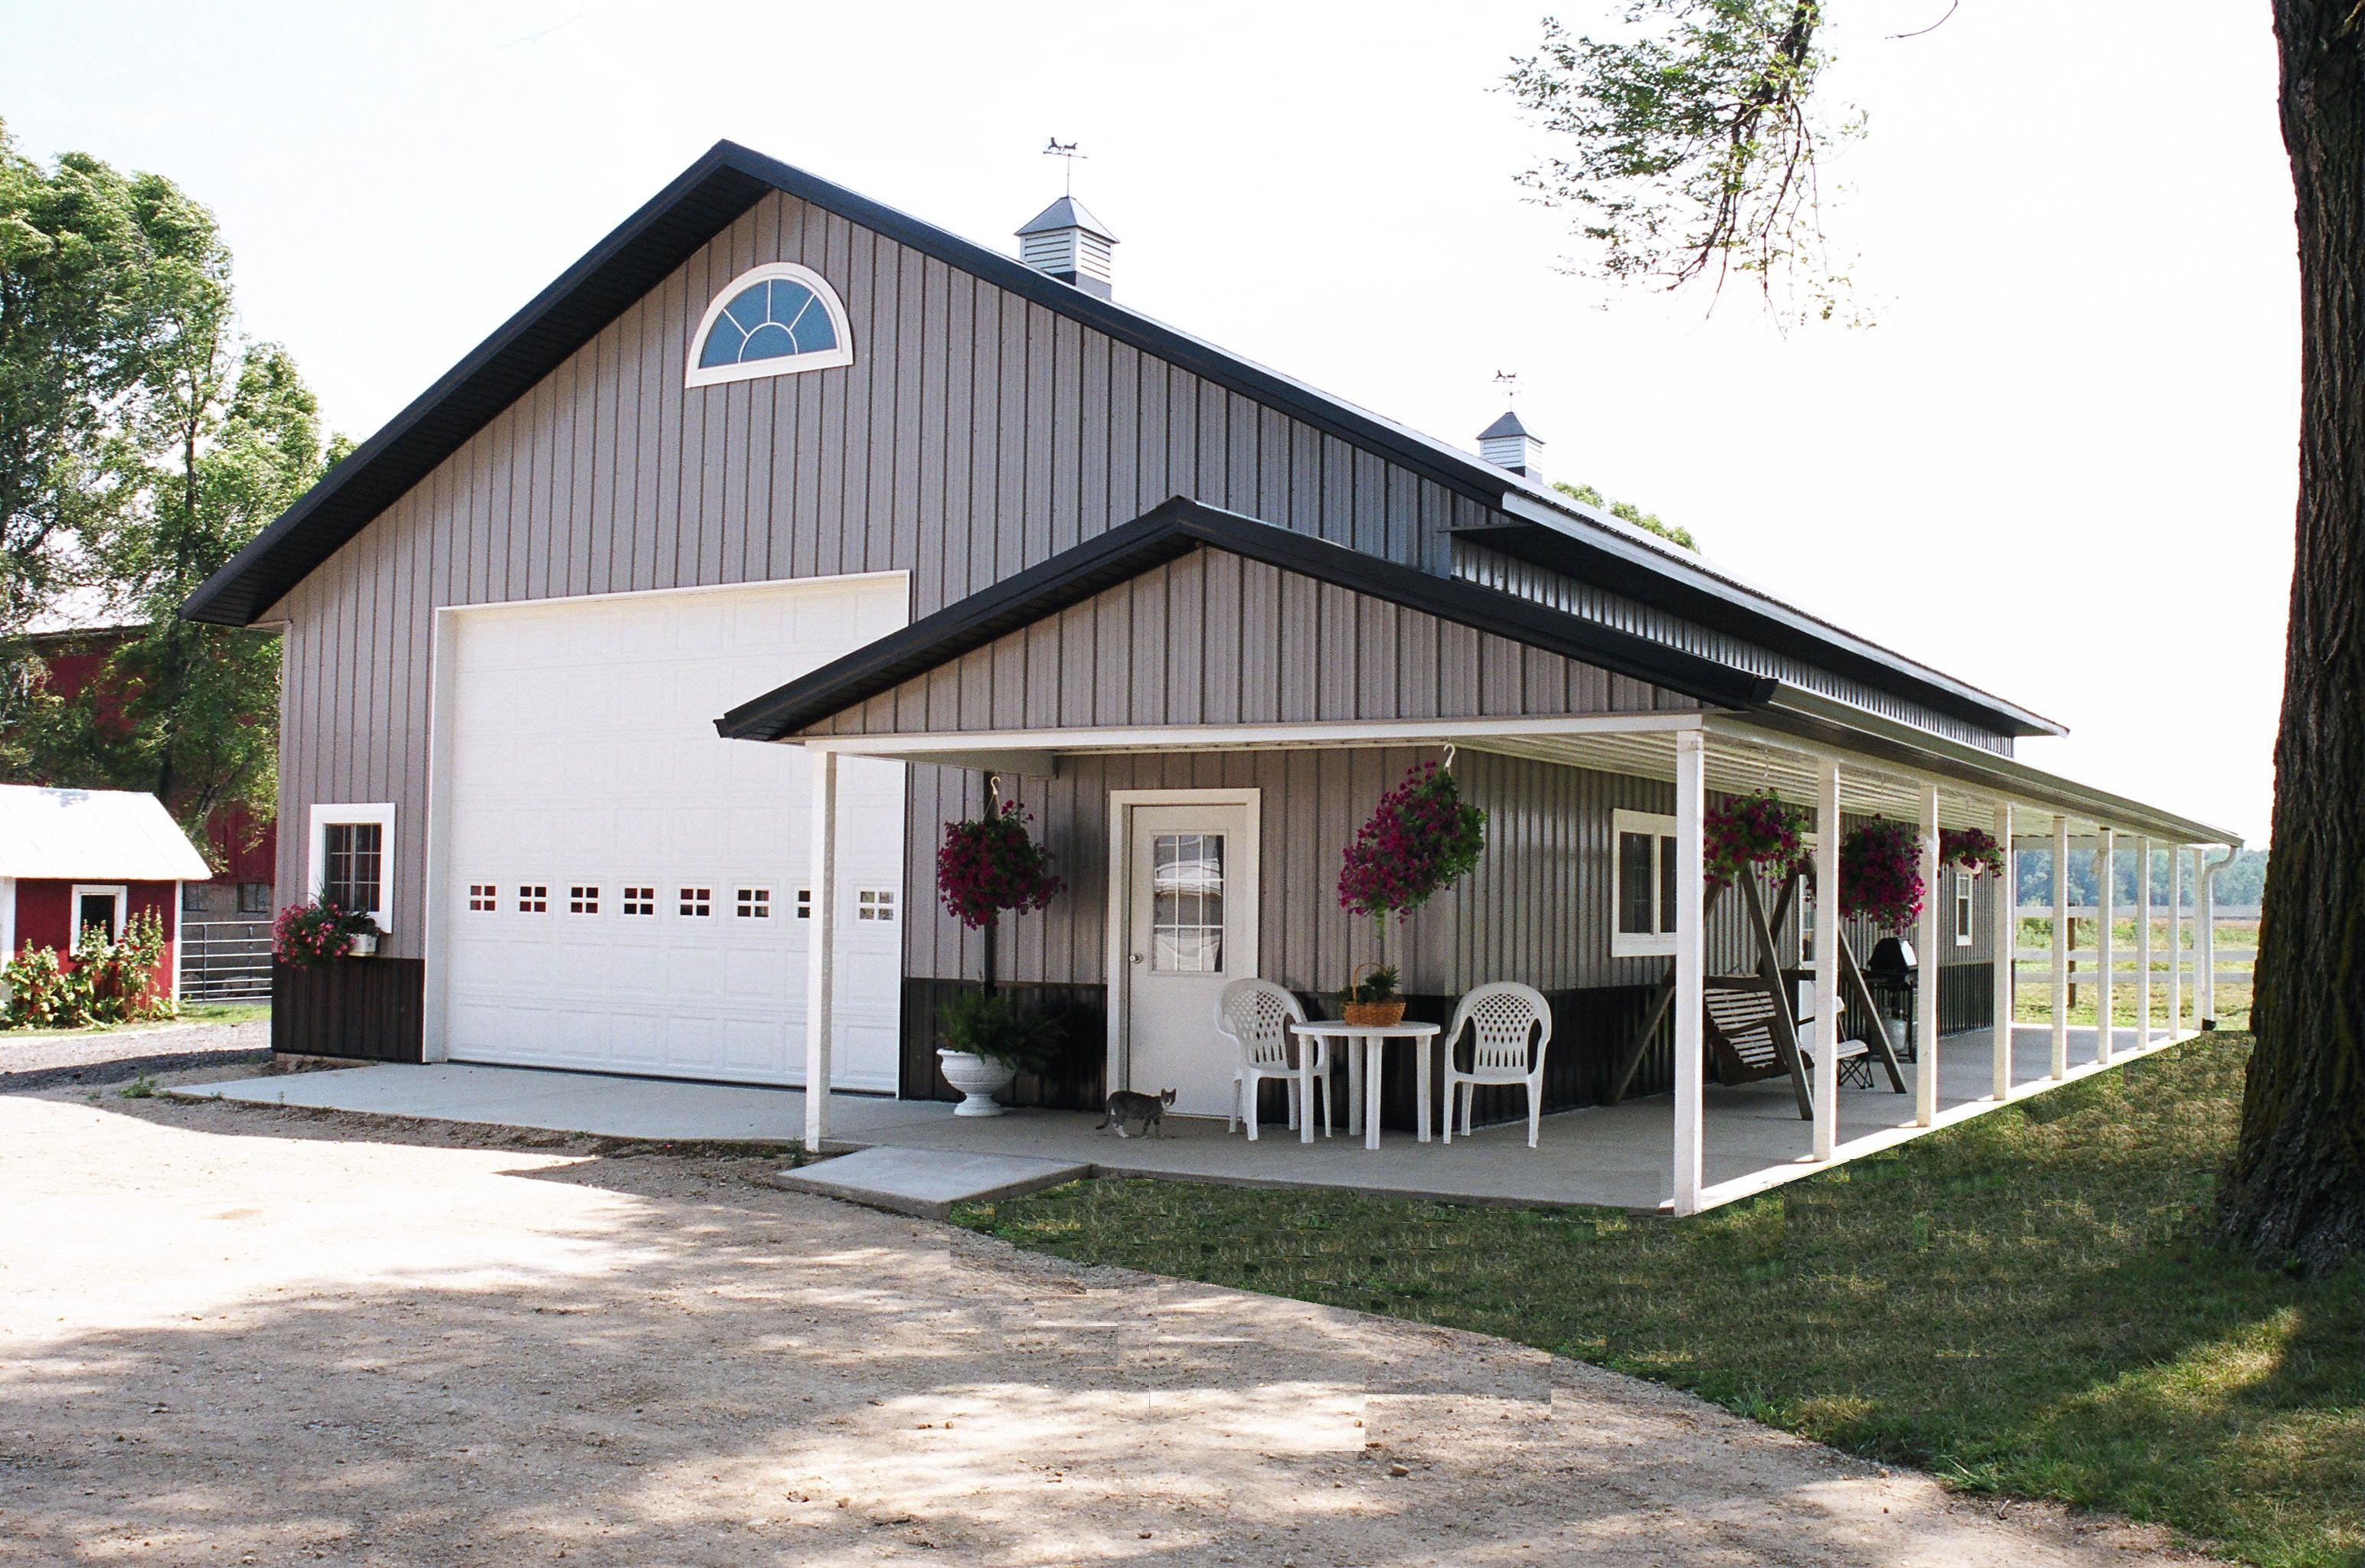 Pole Barns On Pinterest Pole Barns Metal Buildings And